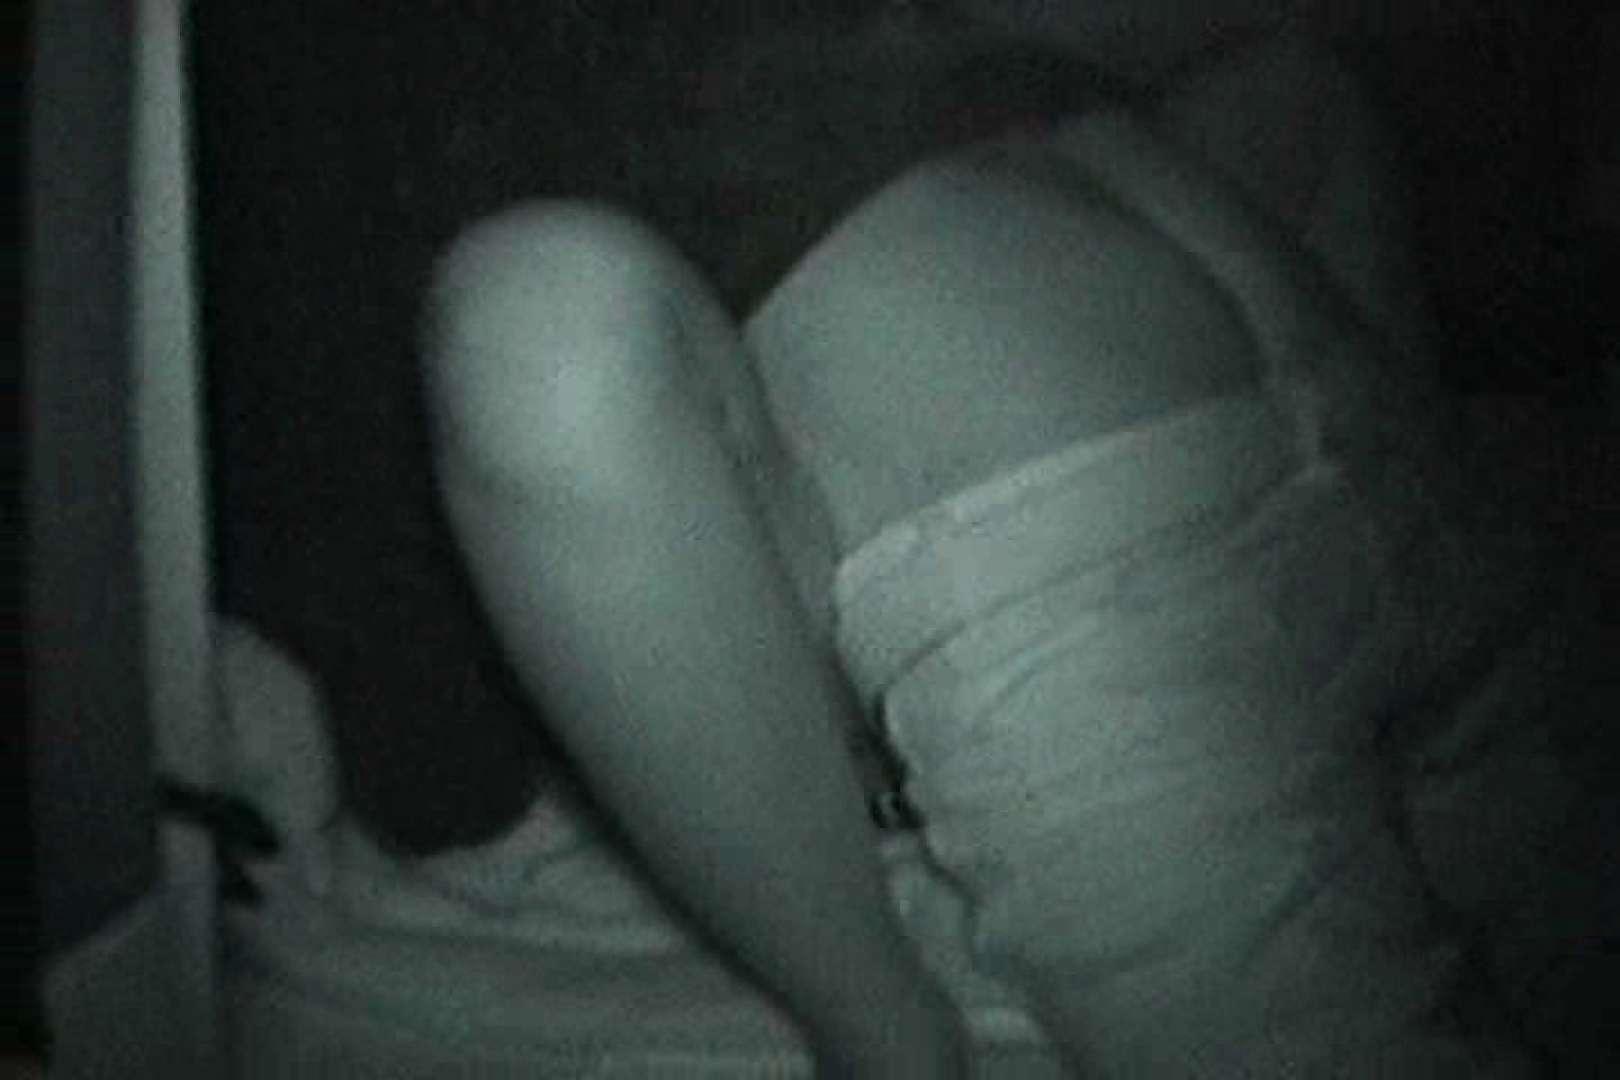 充血監督の深夜の運動会Vol.2 素人丸裸 おまんこ動画流出 84pic 34